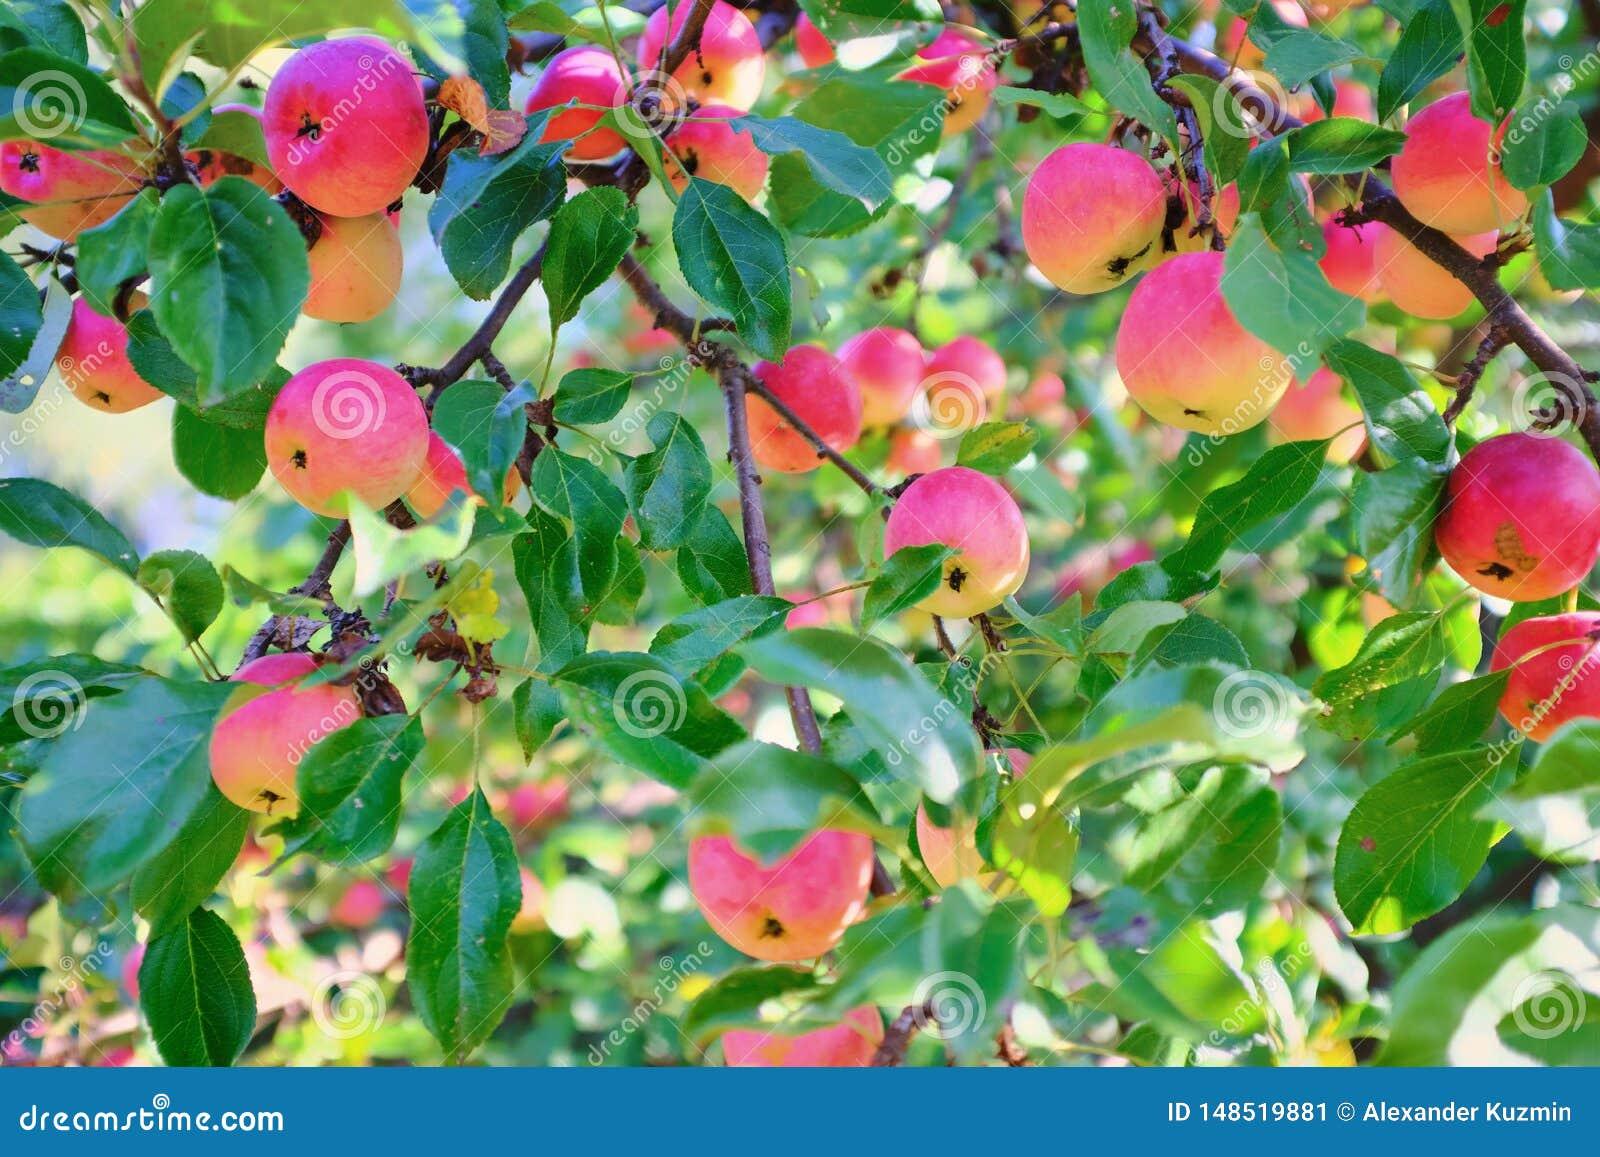 Rijpe appelen die op een boomtak groeien